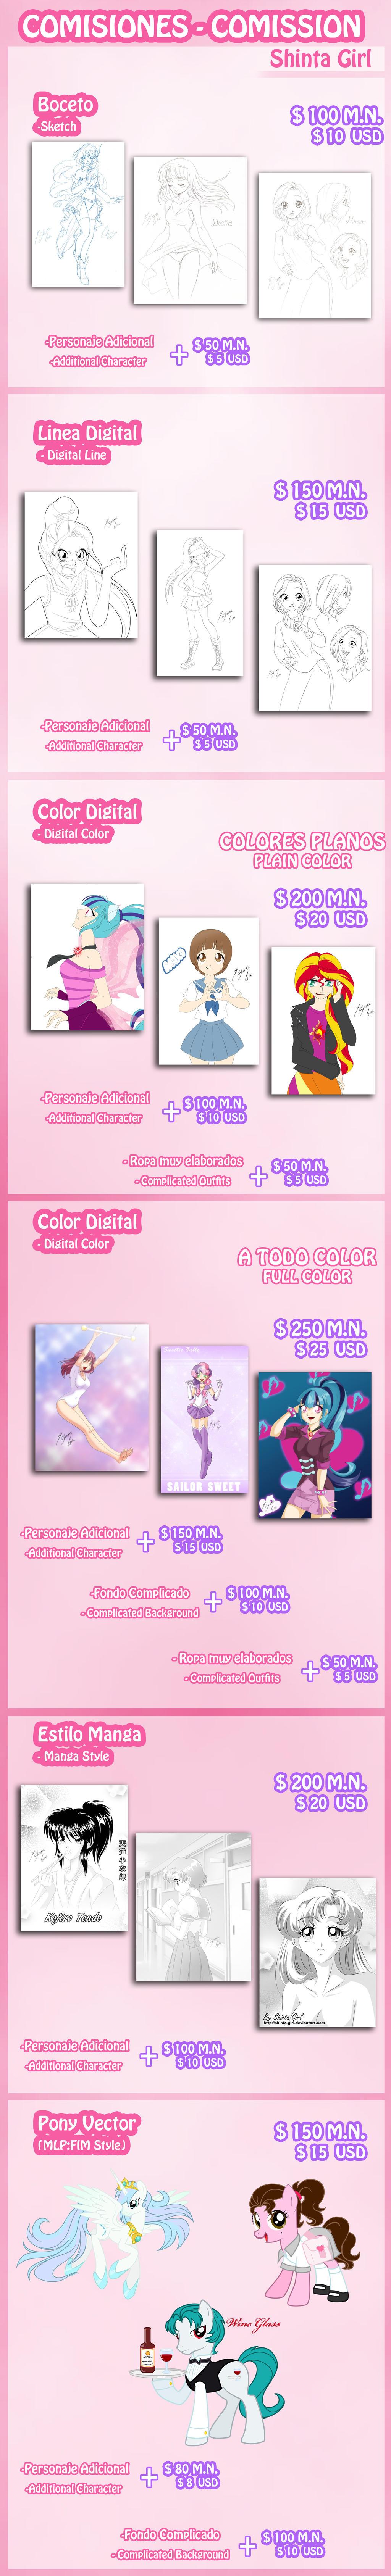 Comissiones anuncio  by Shinta-Girl